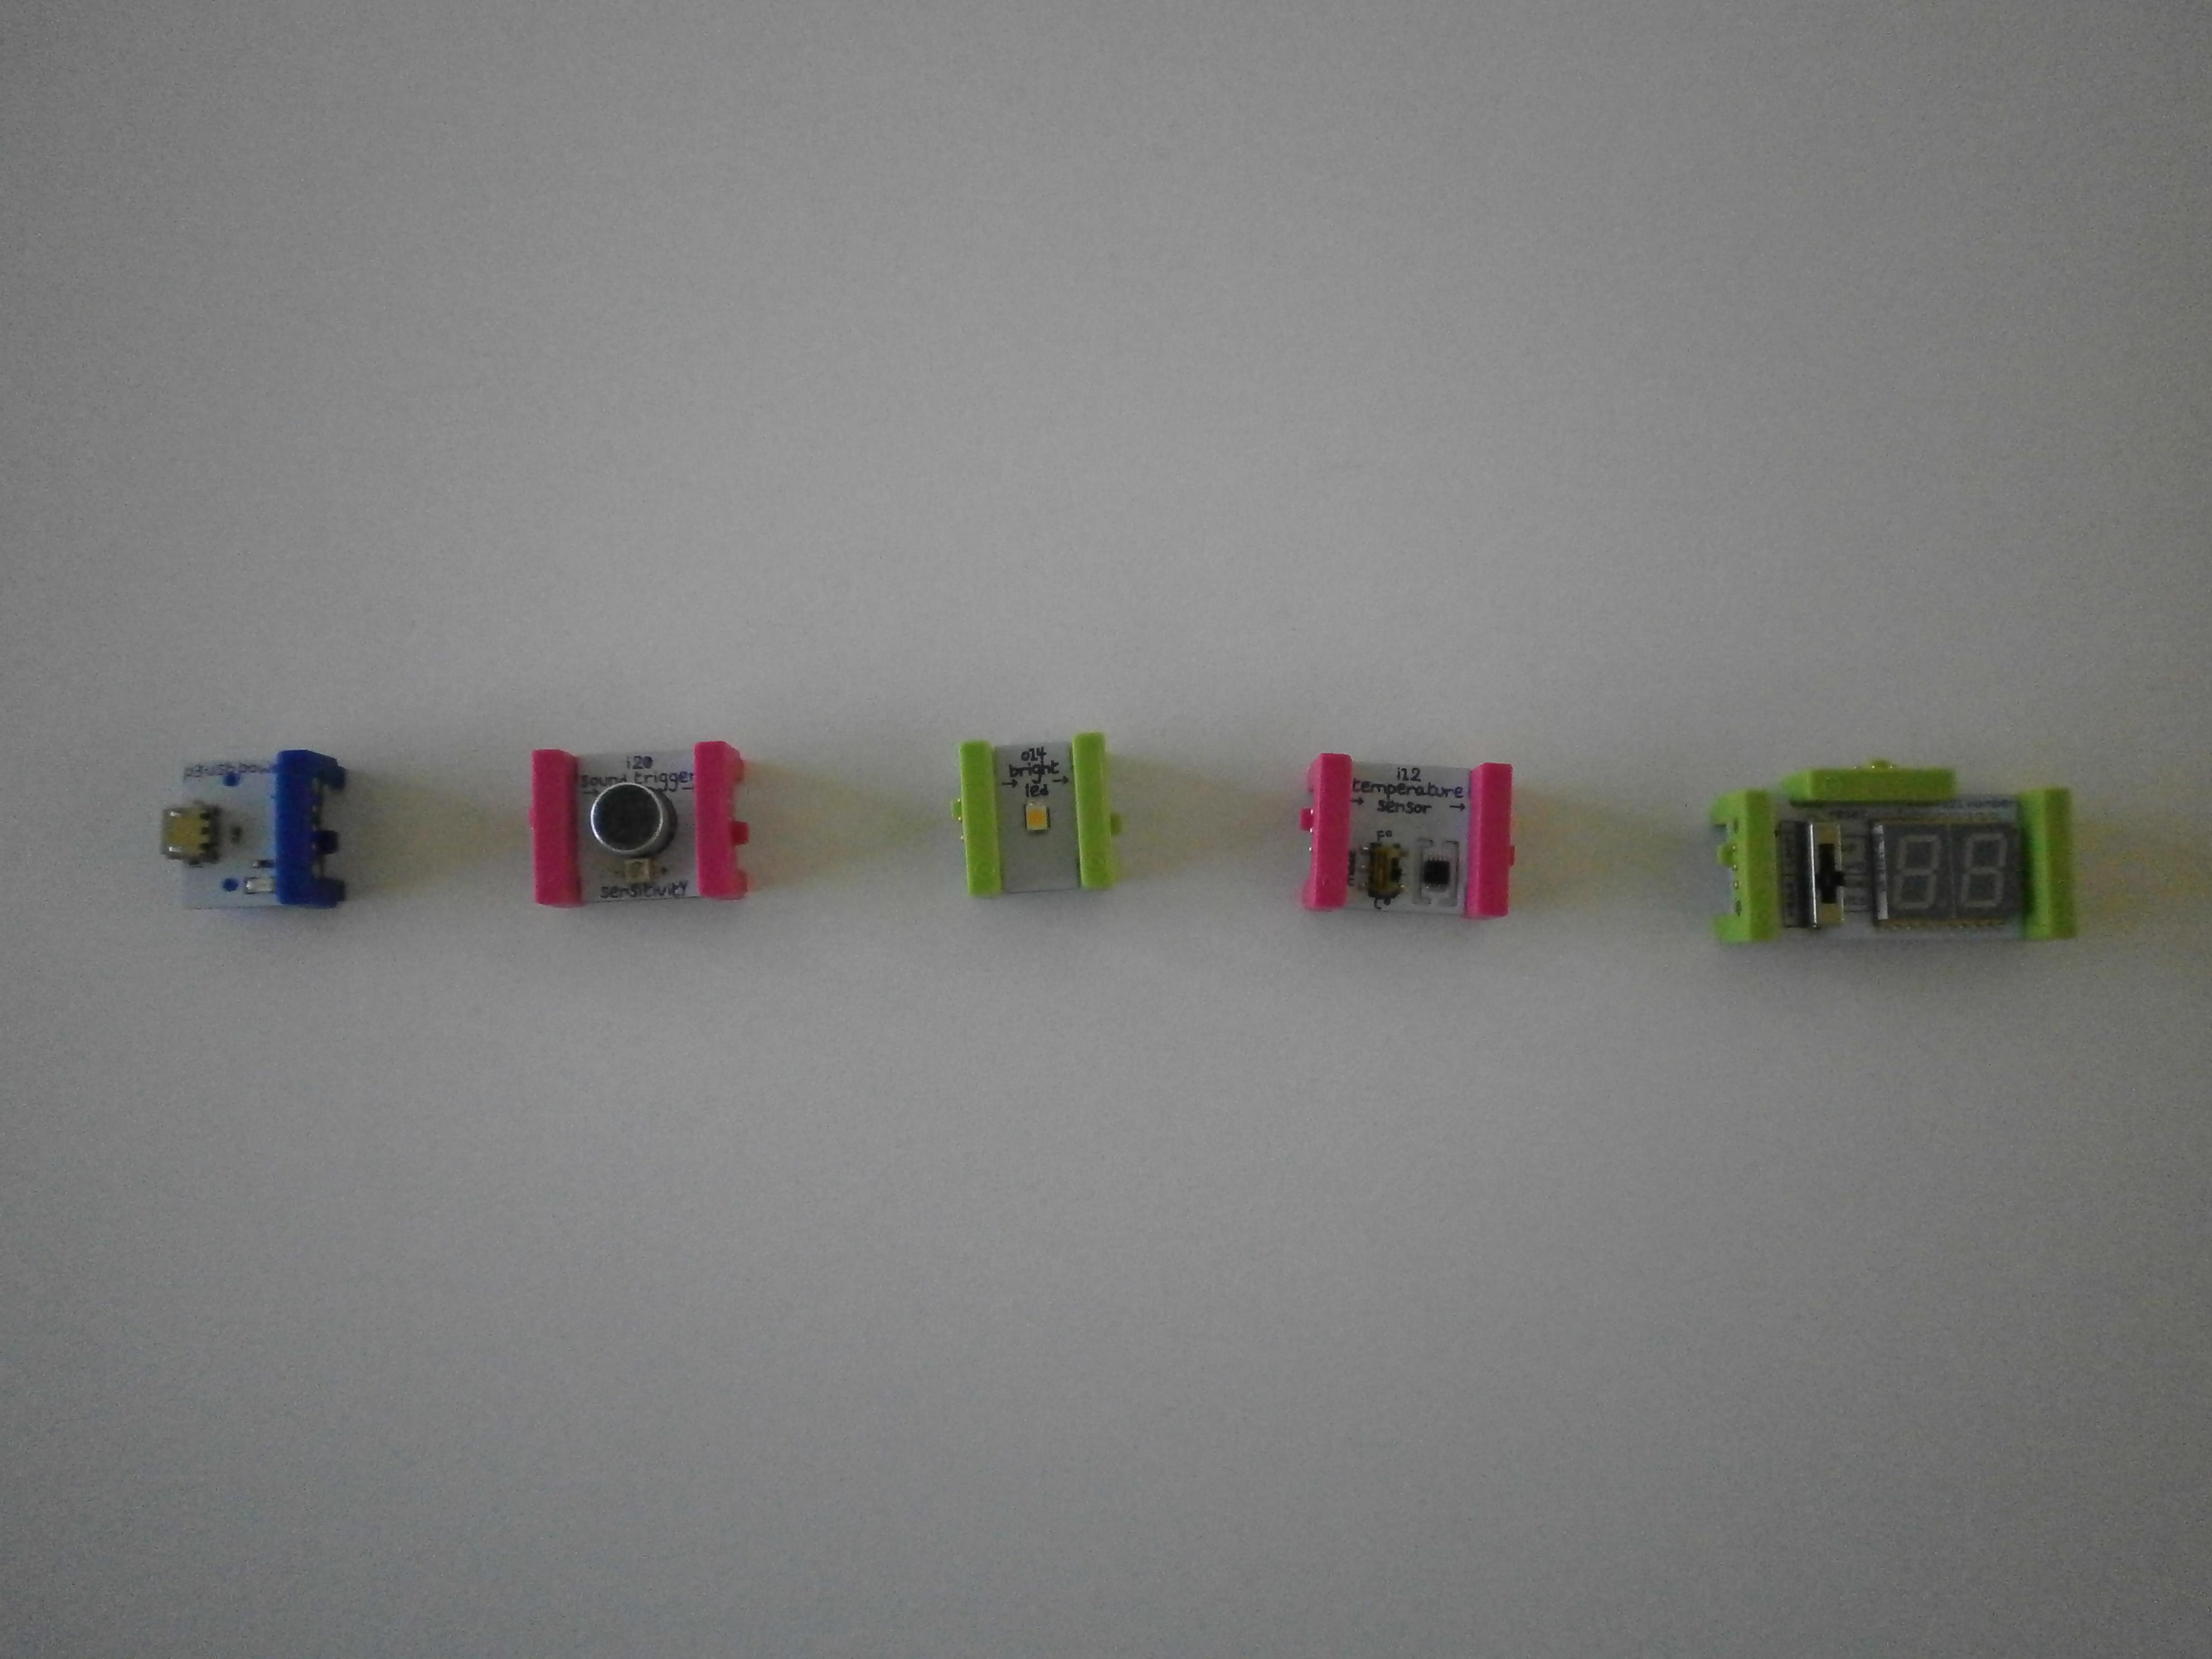 Dijelovi za termometar složeni po redu za spajanje